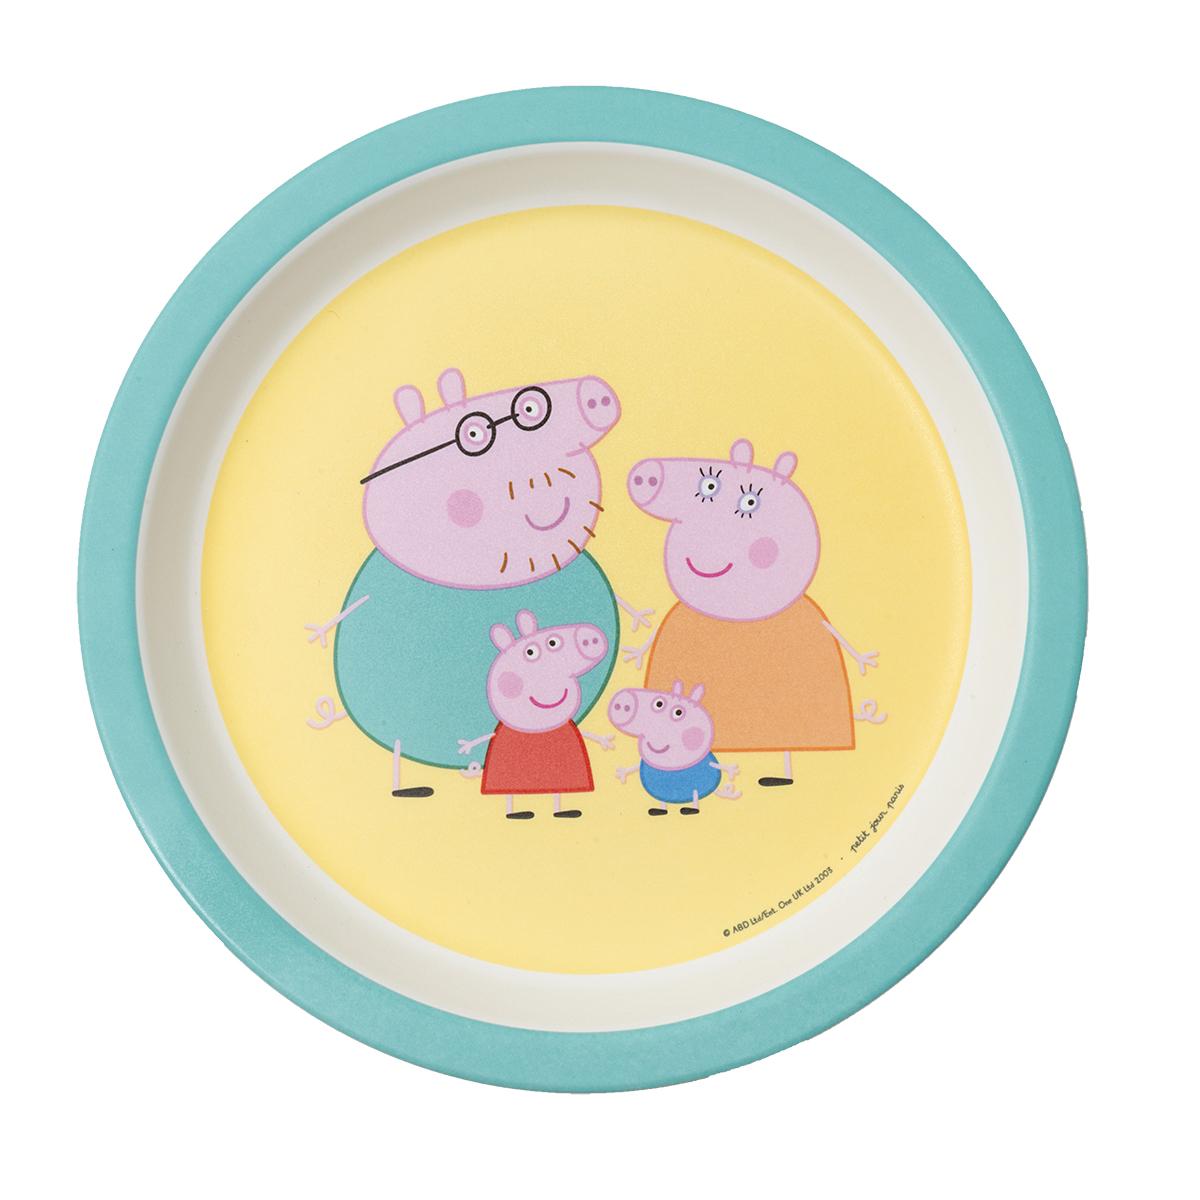 Assiette bébé avec les parents Peppa Pig JAUNE petit jour paris